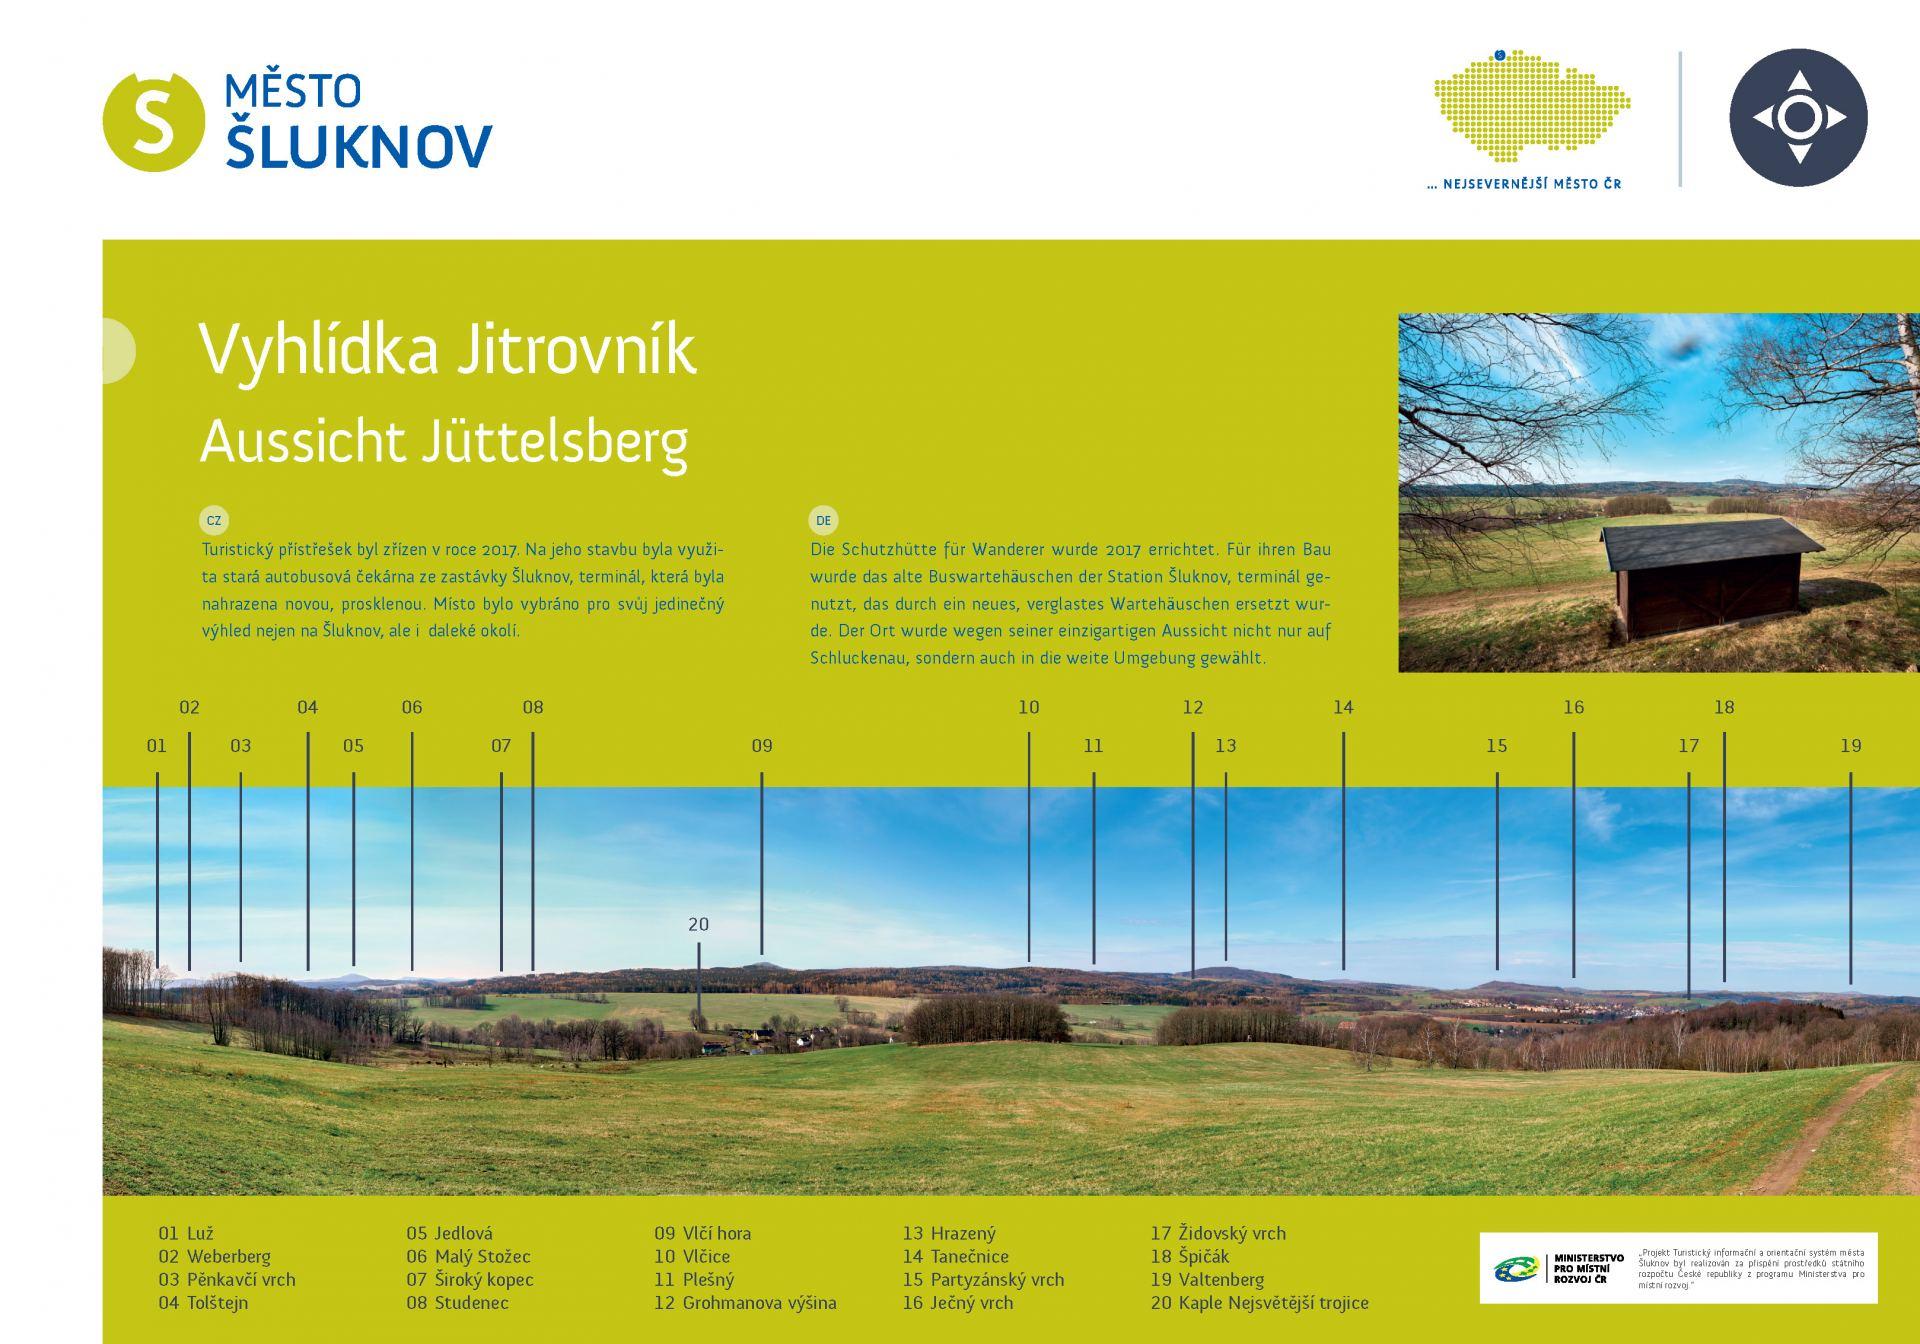 Informační tabule s panoramatem